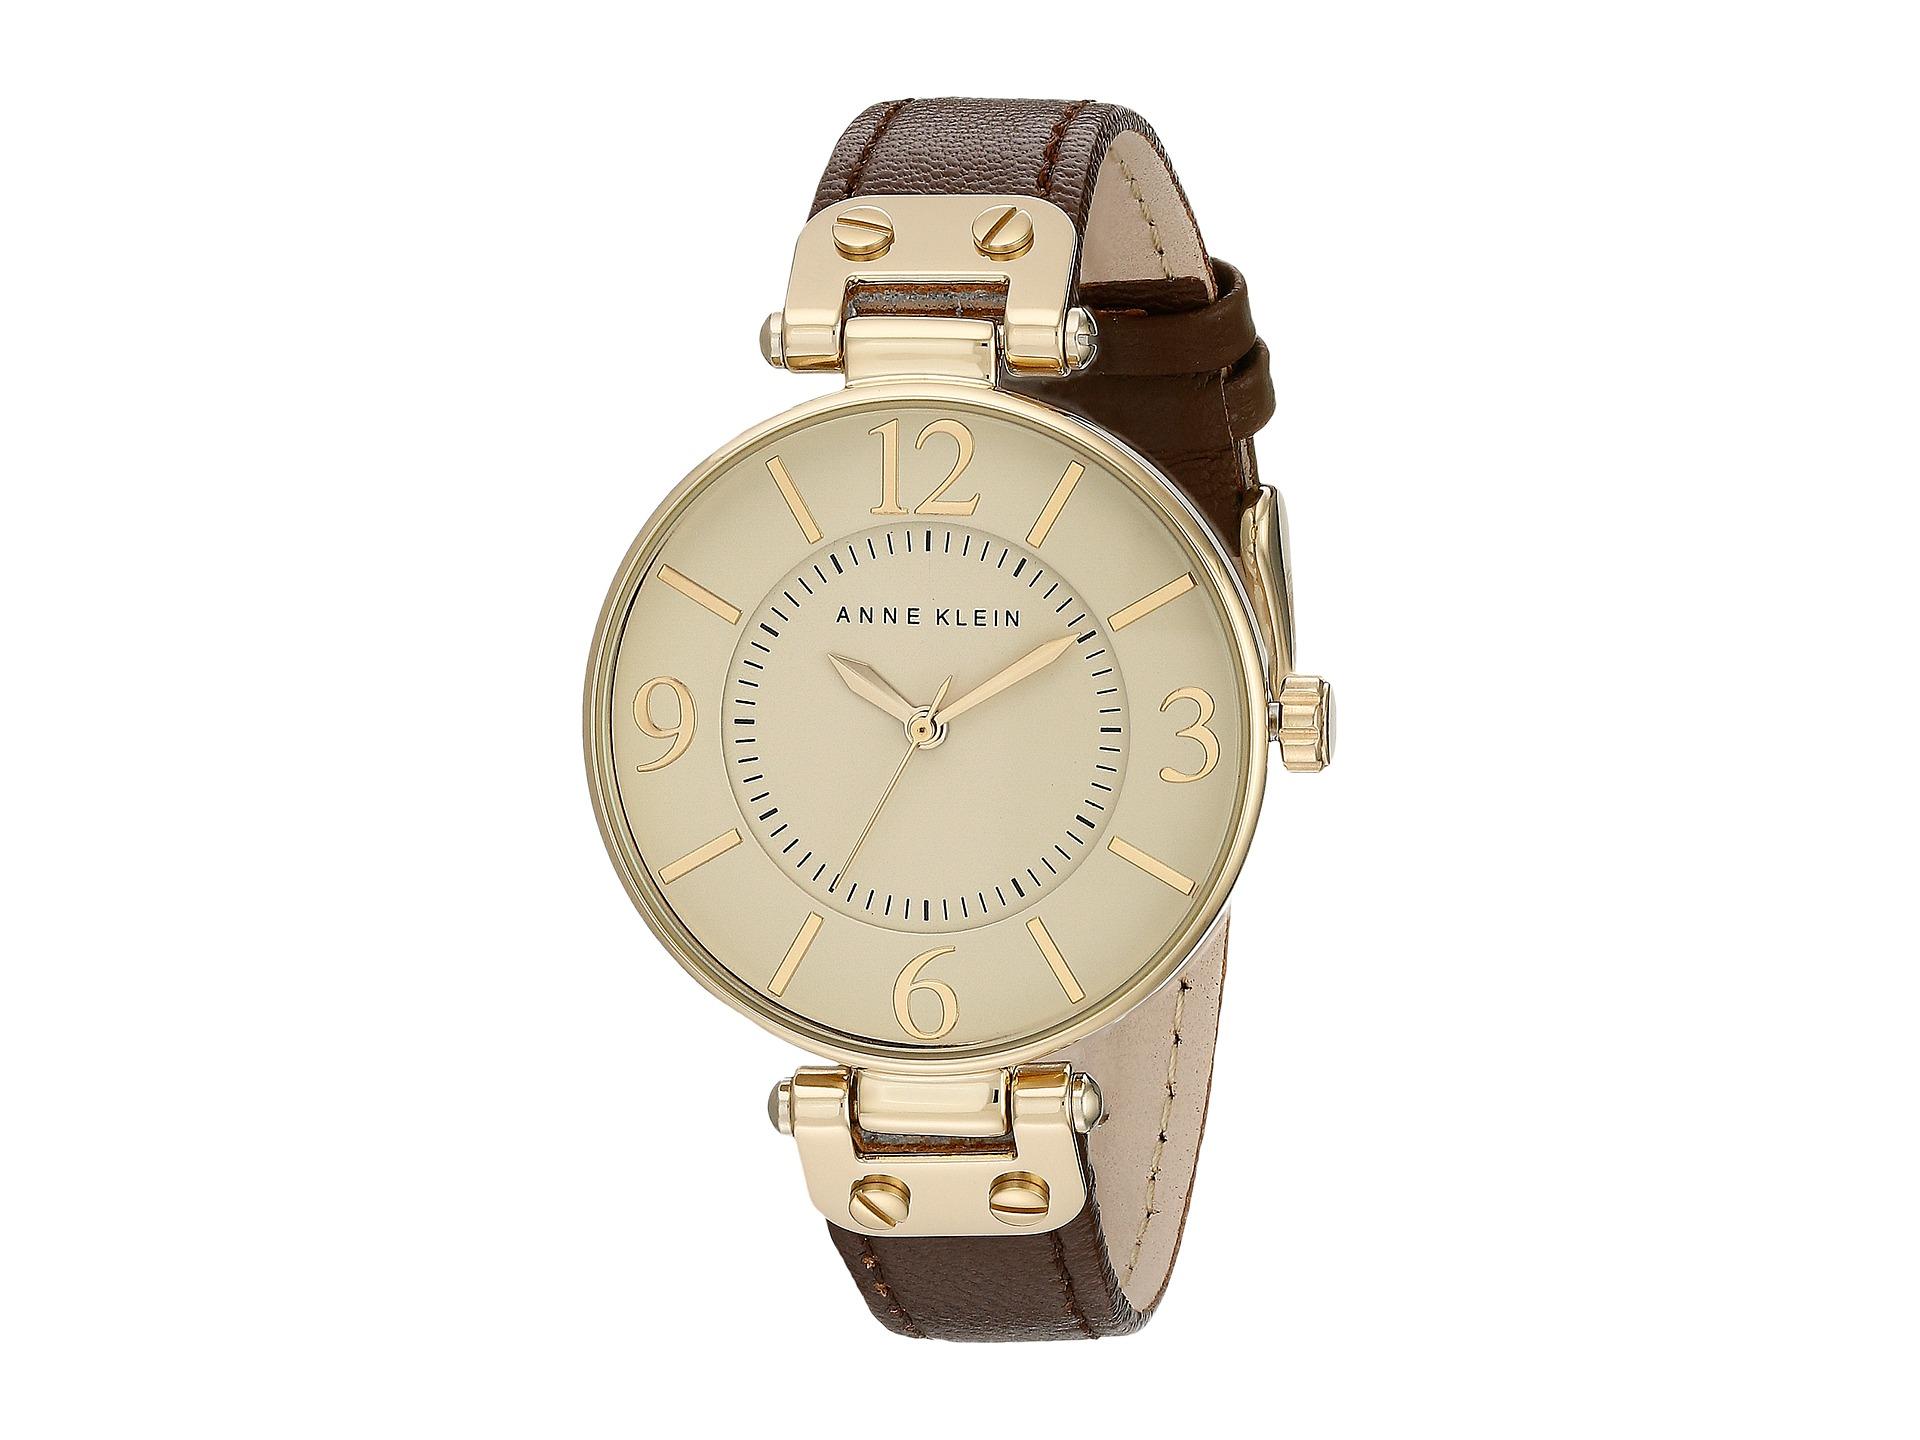 Anne klein 109168ivbn round dial leather strap watch at for Anne klein leather strap